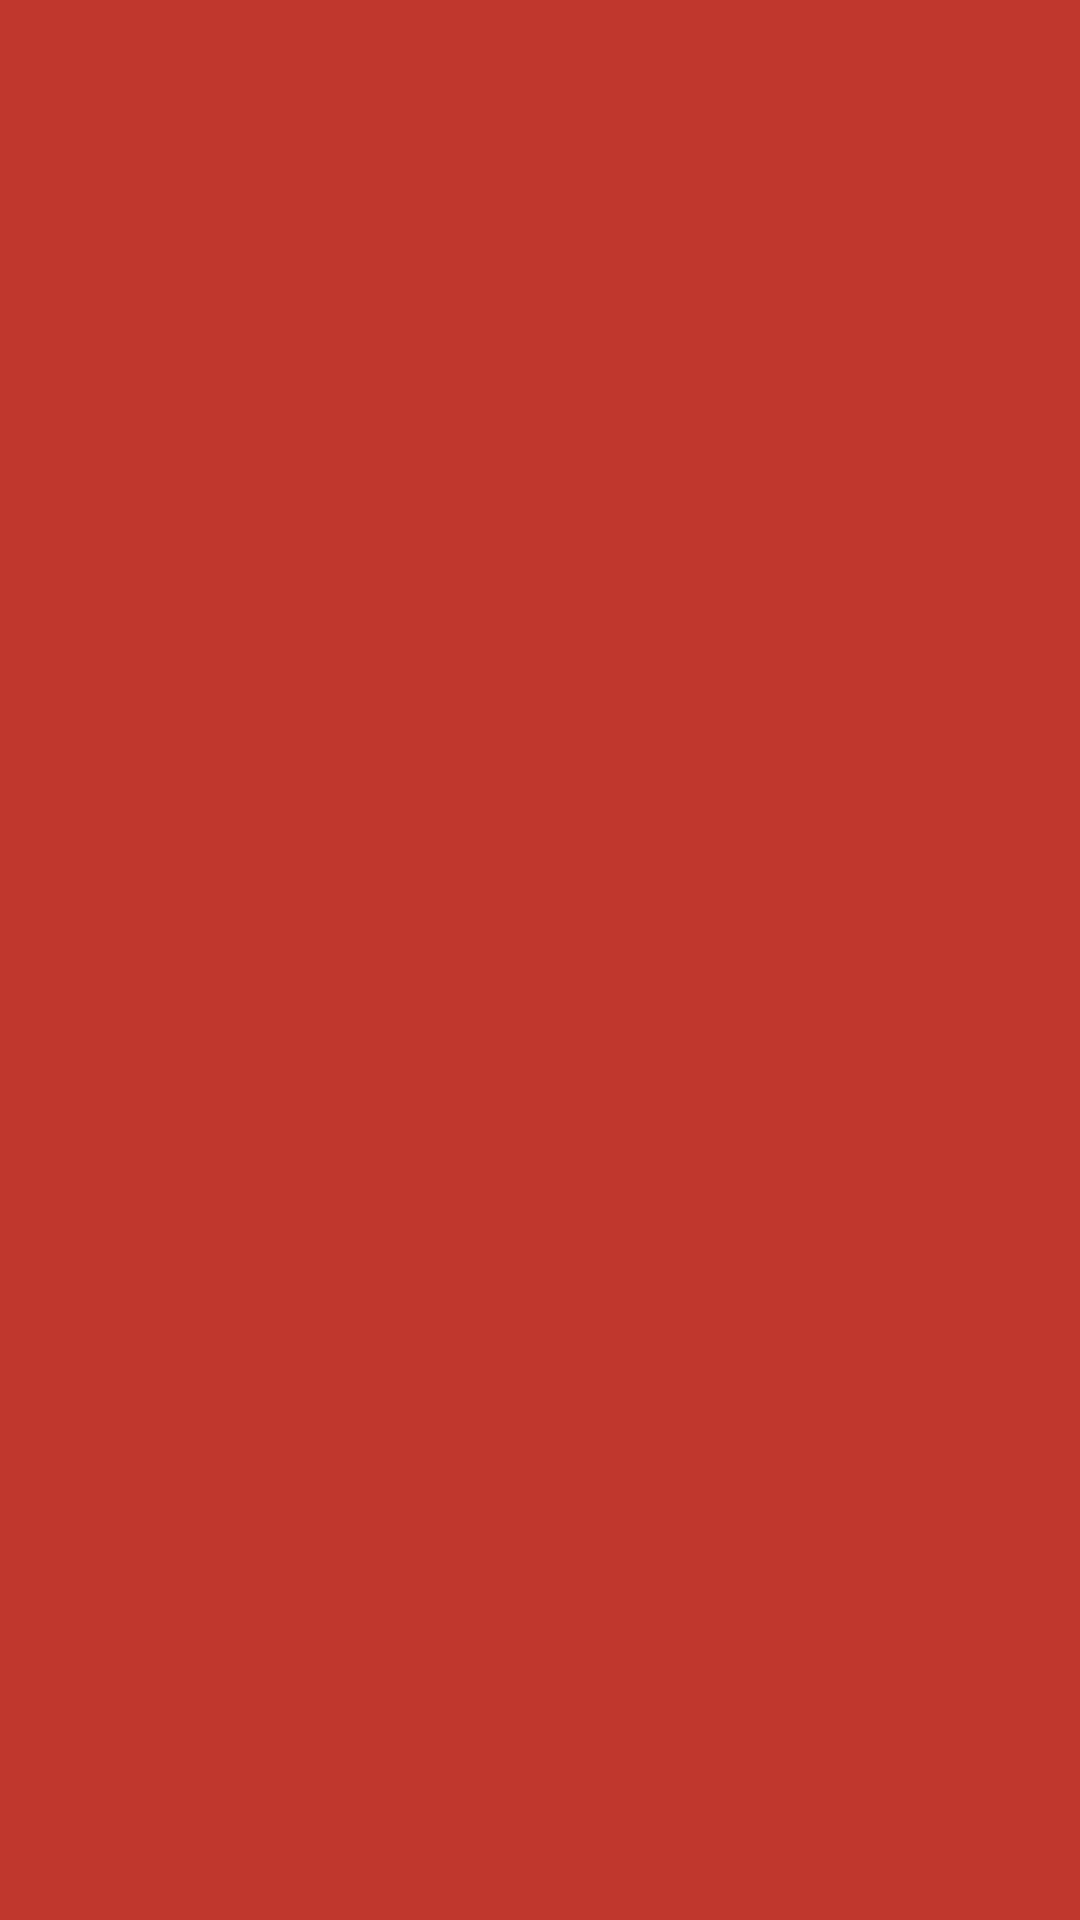 1080x1920 International Orange Golden Gate Bridge Solid Color Background